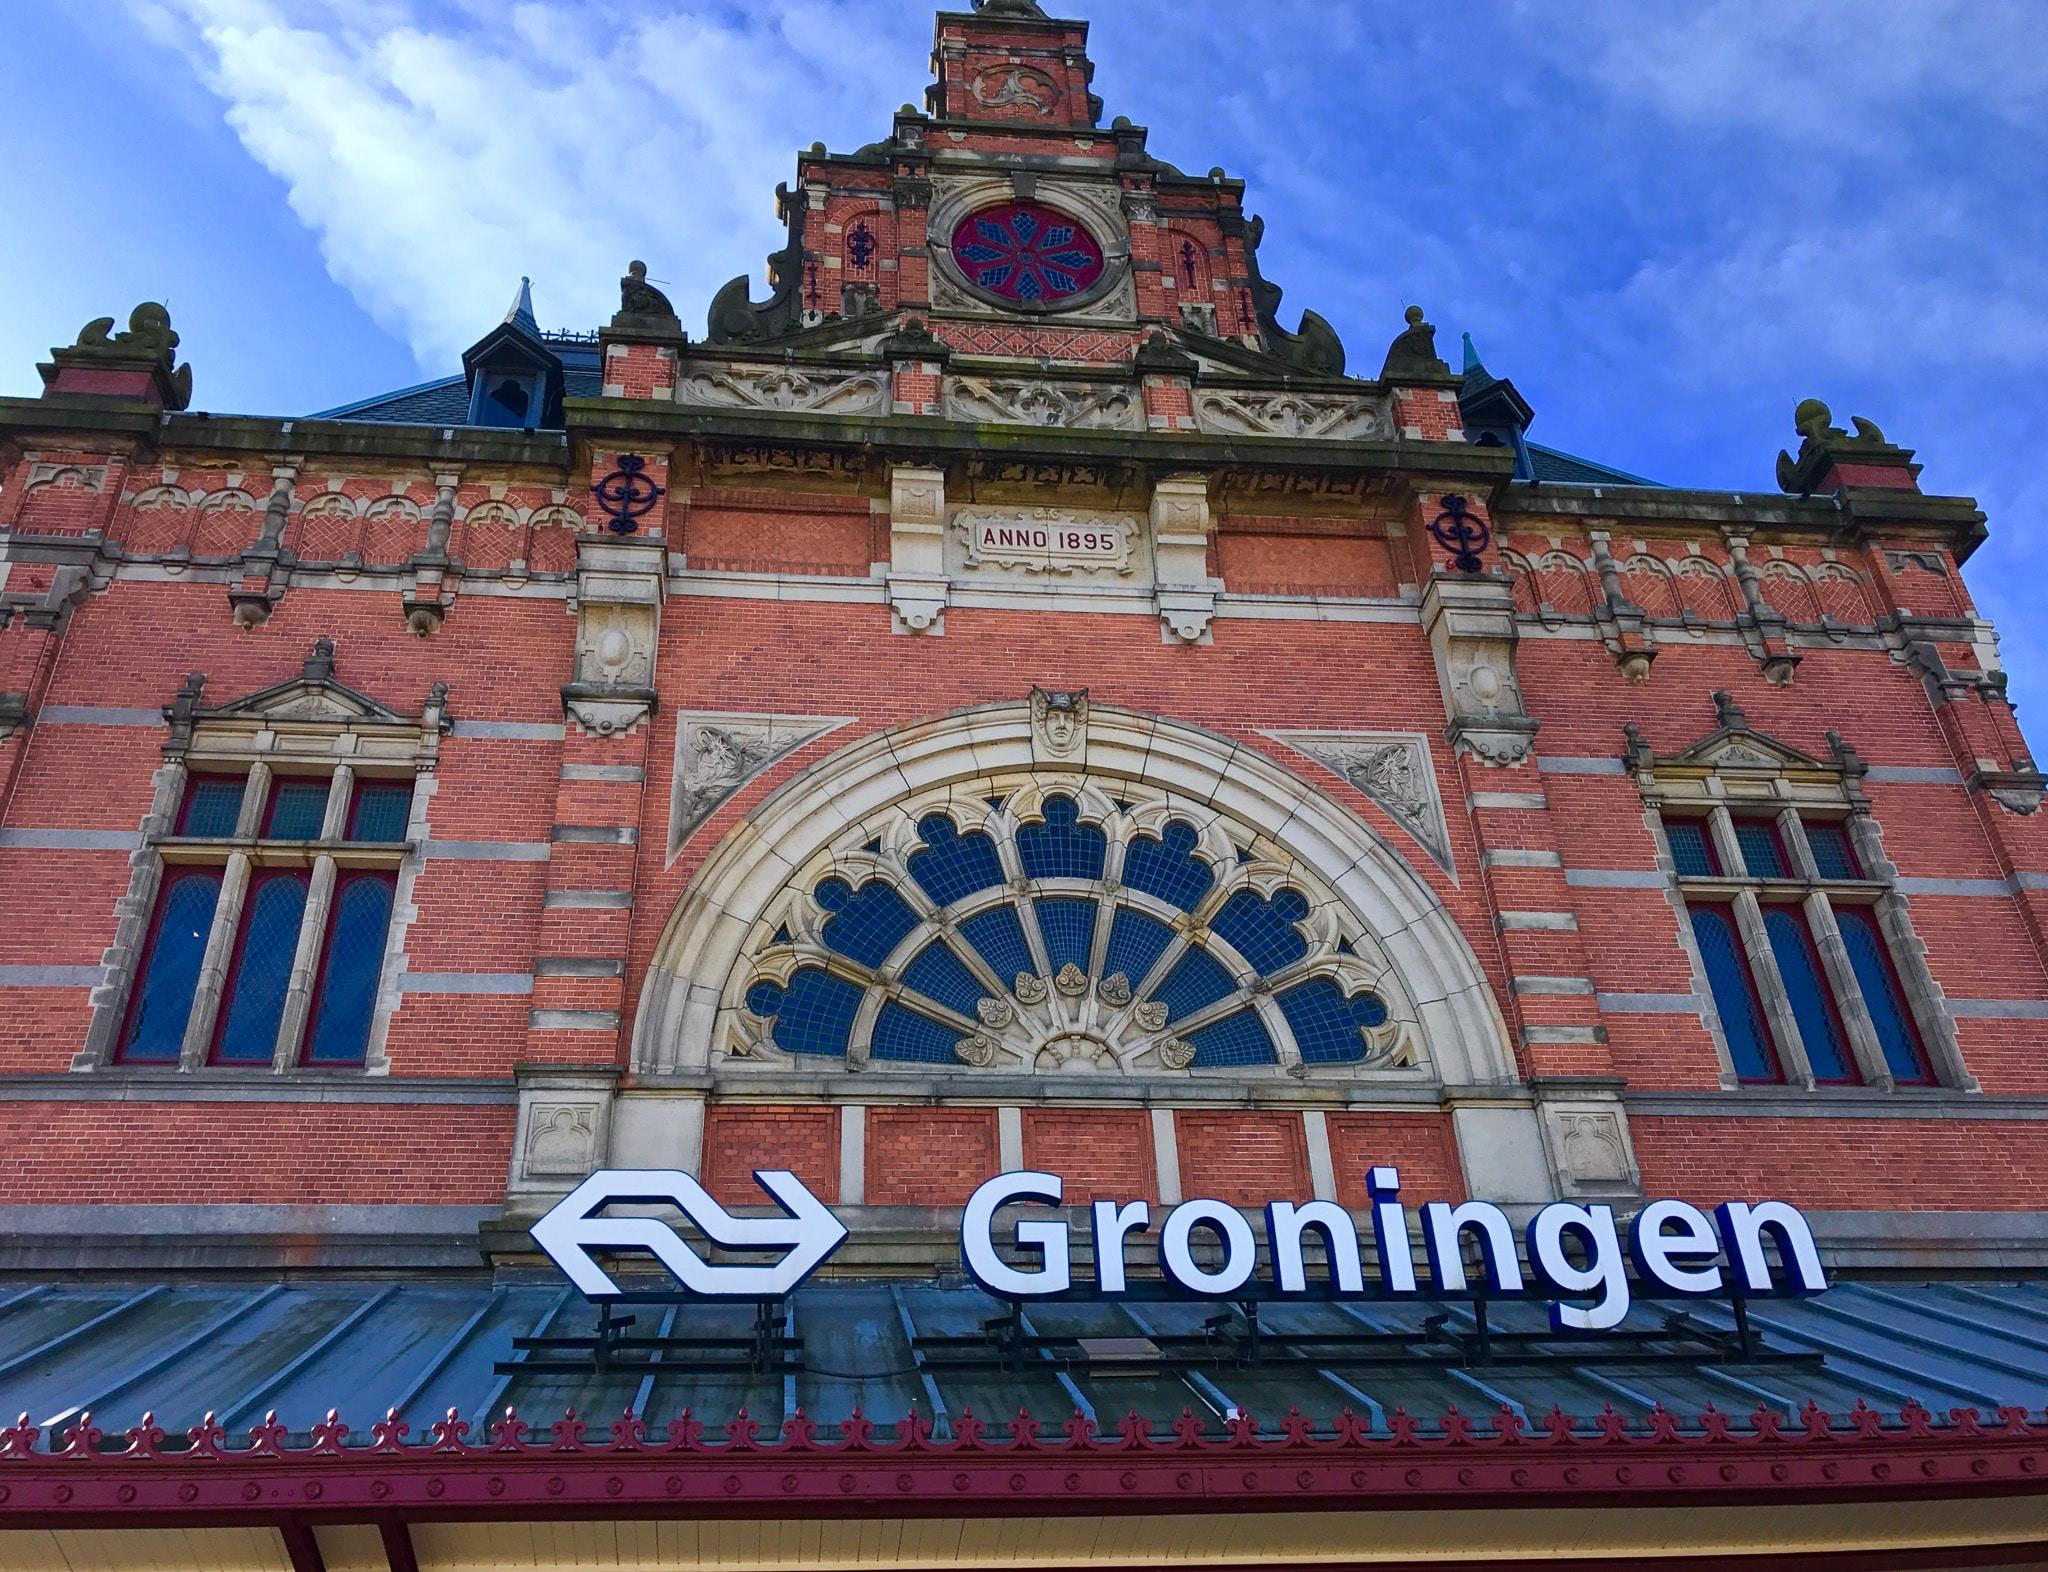 Gronigen architecture